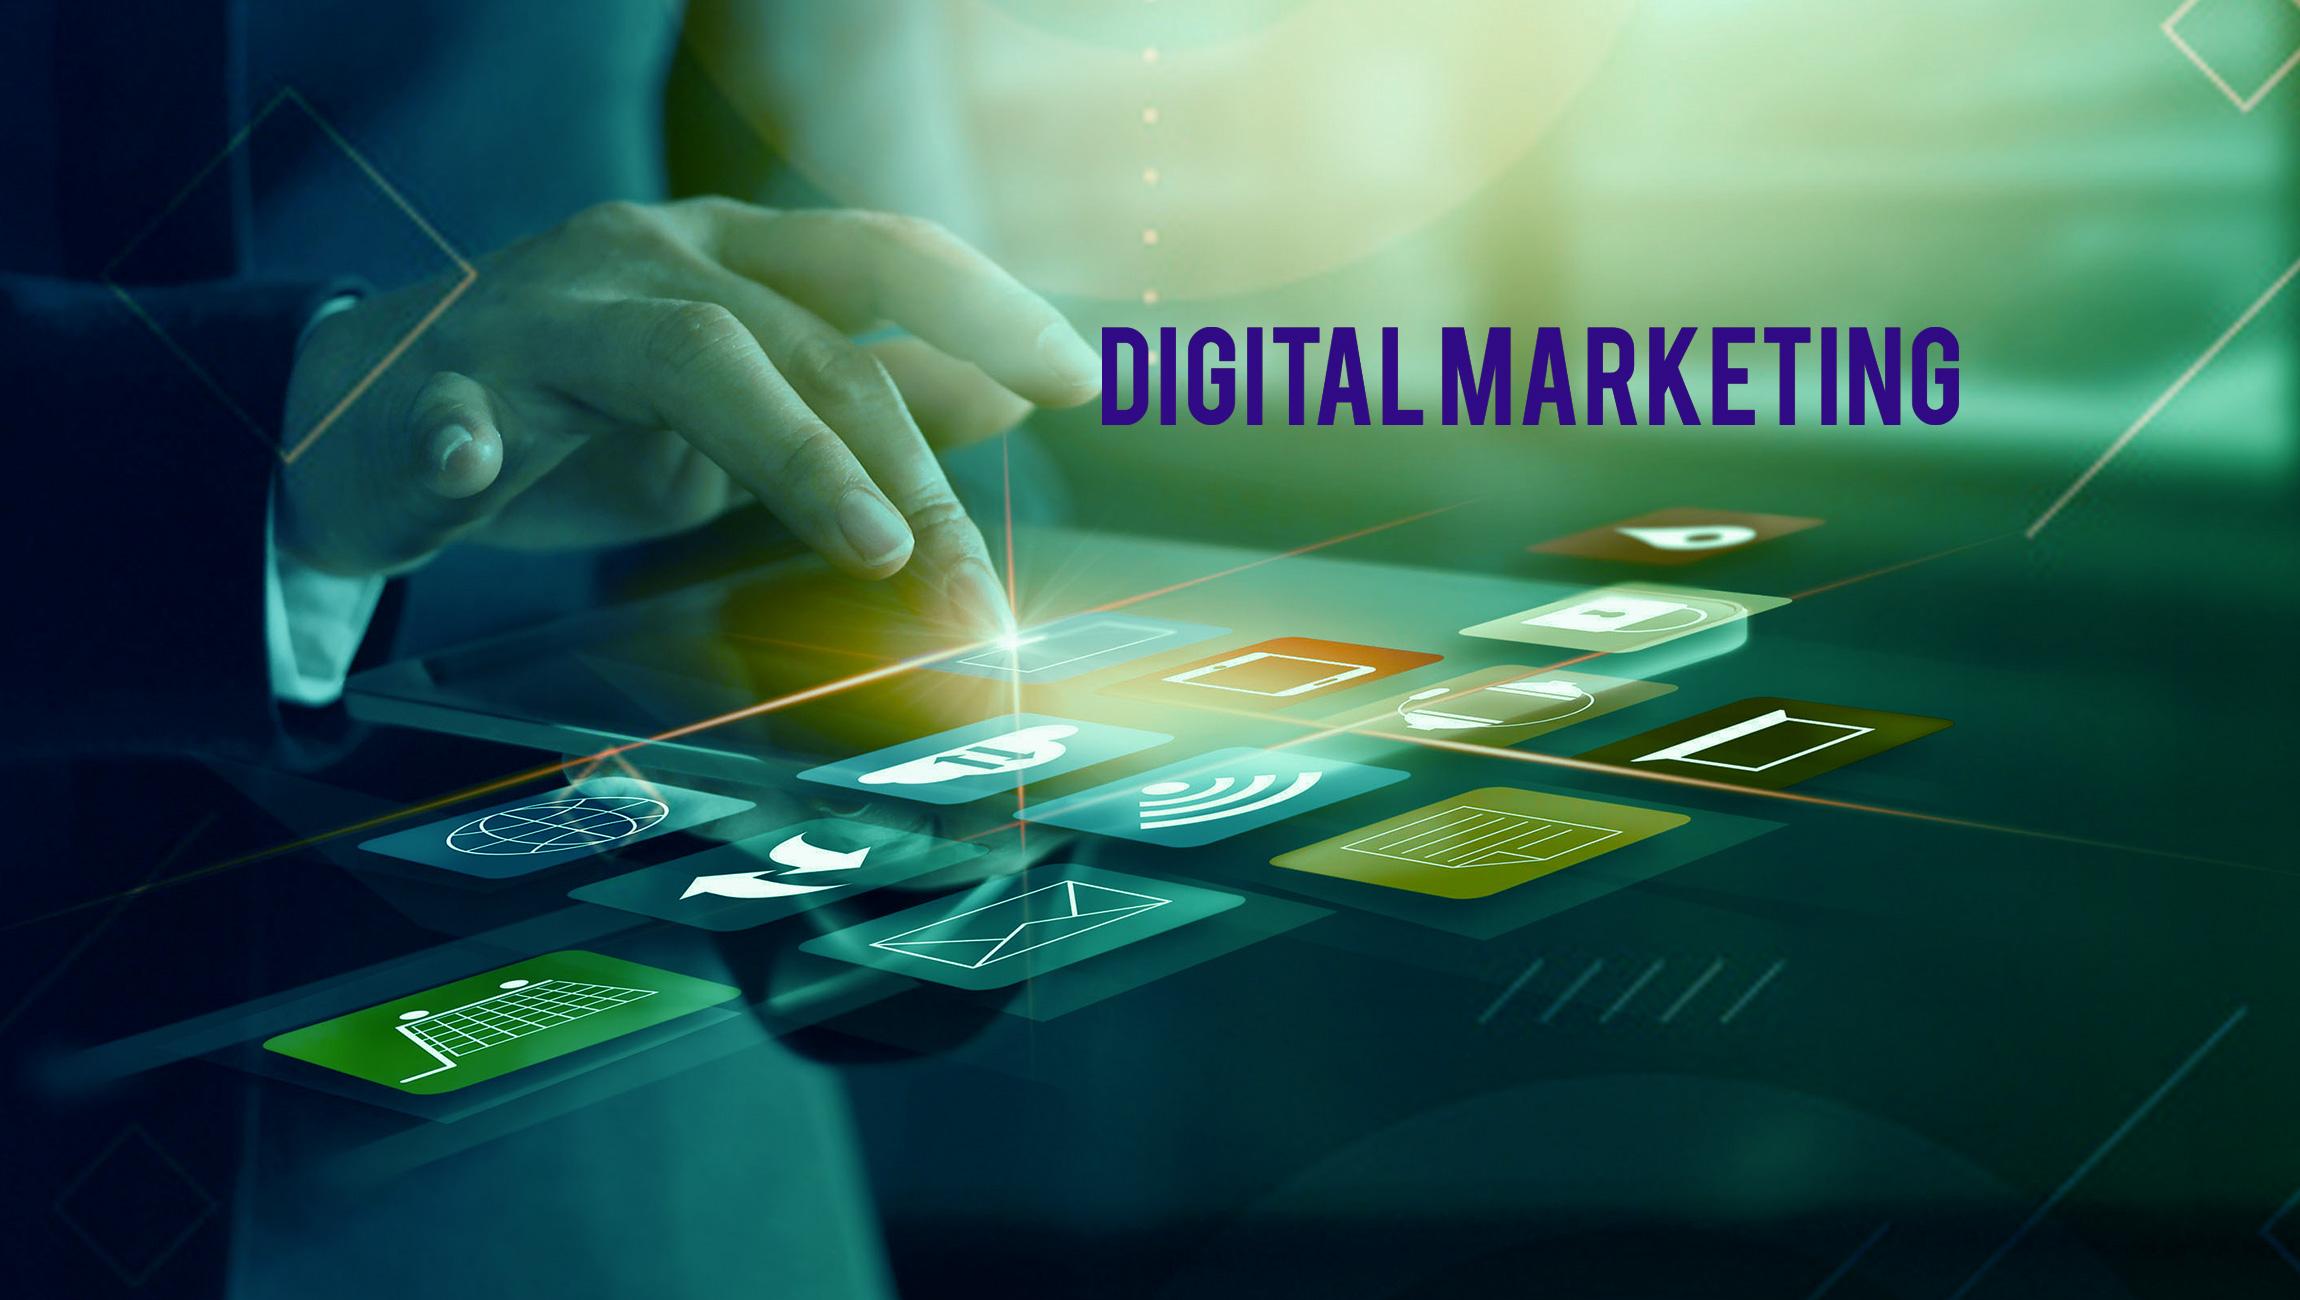 استراتژی دیجیتال مارکتینگ با کمک سیستم مدلسازی RACE